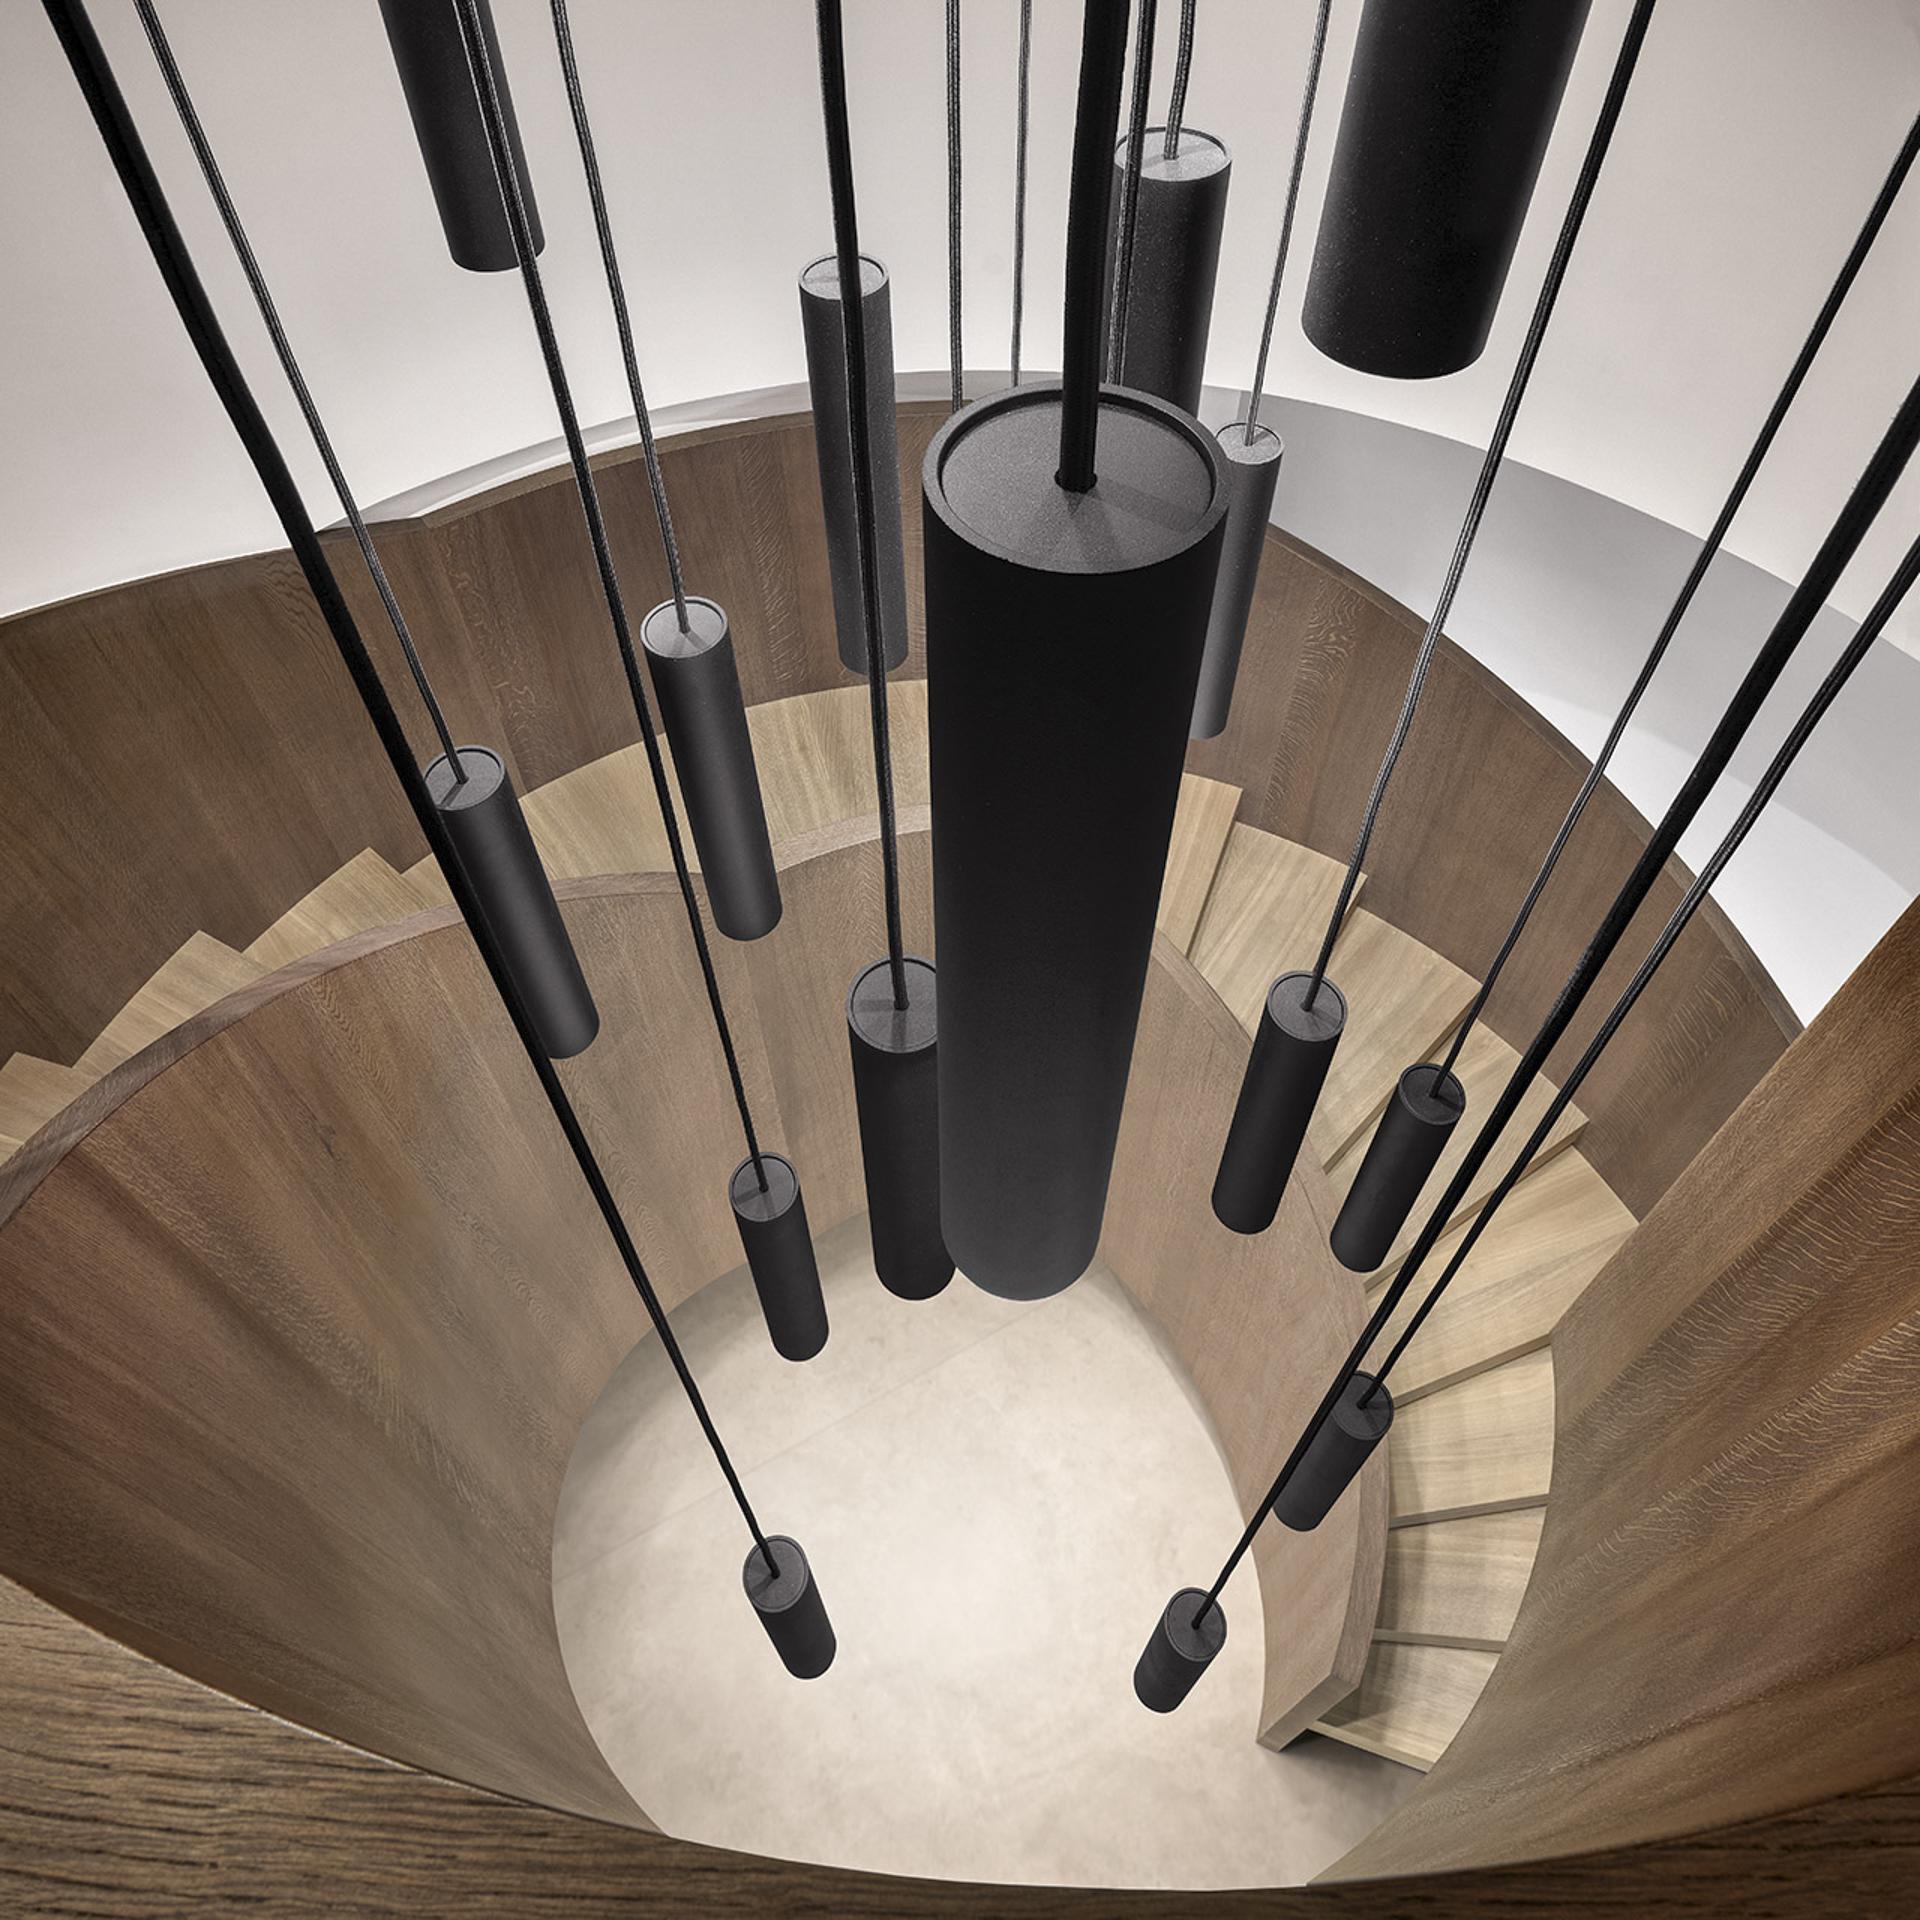 tischlerei-decker-UGW-Wendeltreppe-Licht-Detail-von-oben